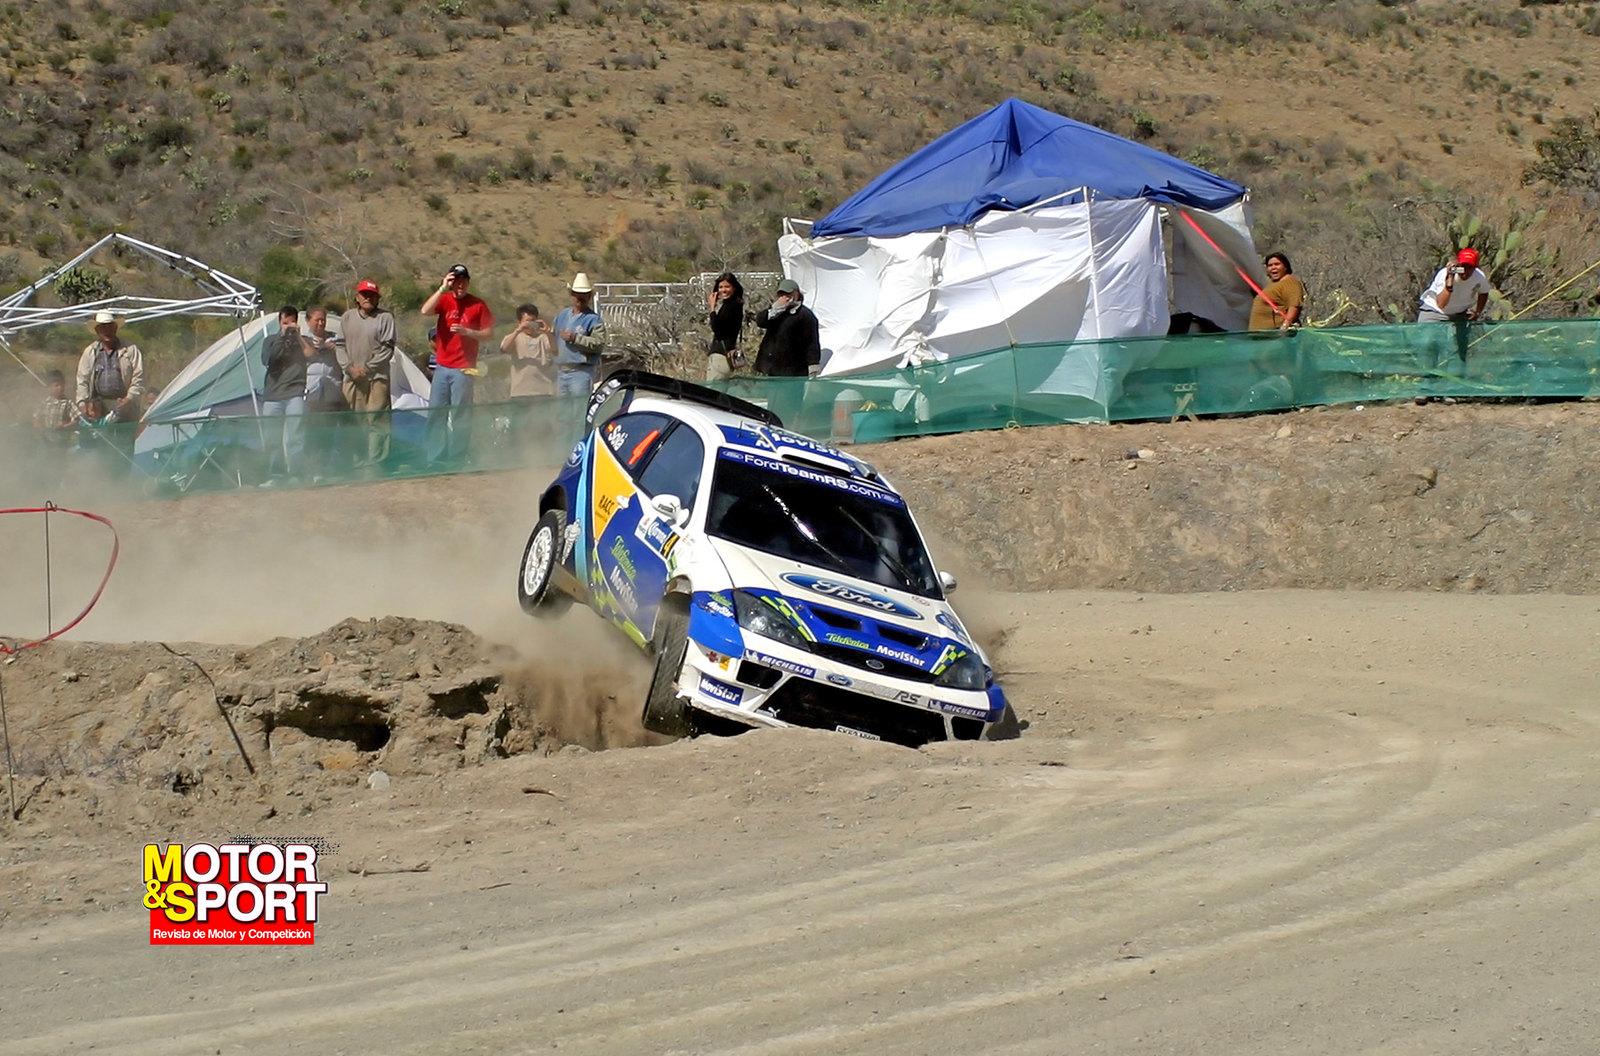 Rally Mexico 2005 16243270491_63d9b9f8b6_h